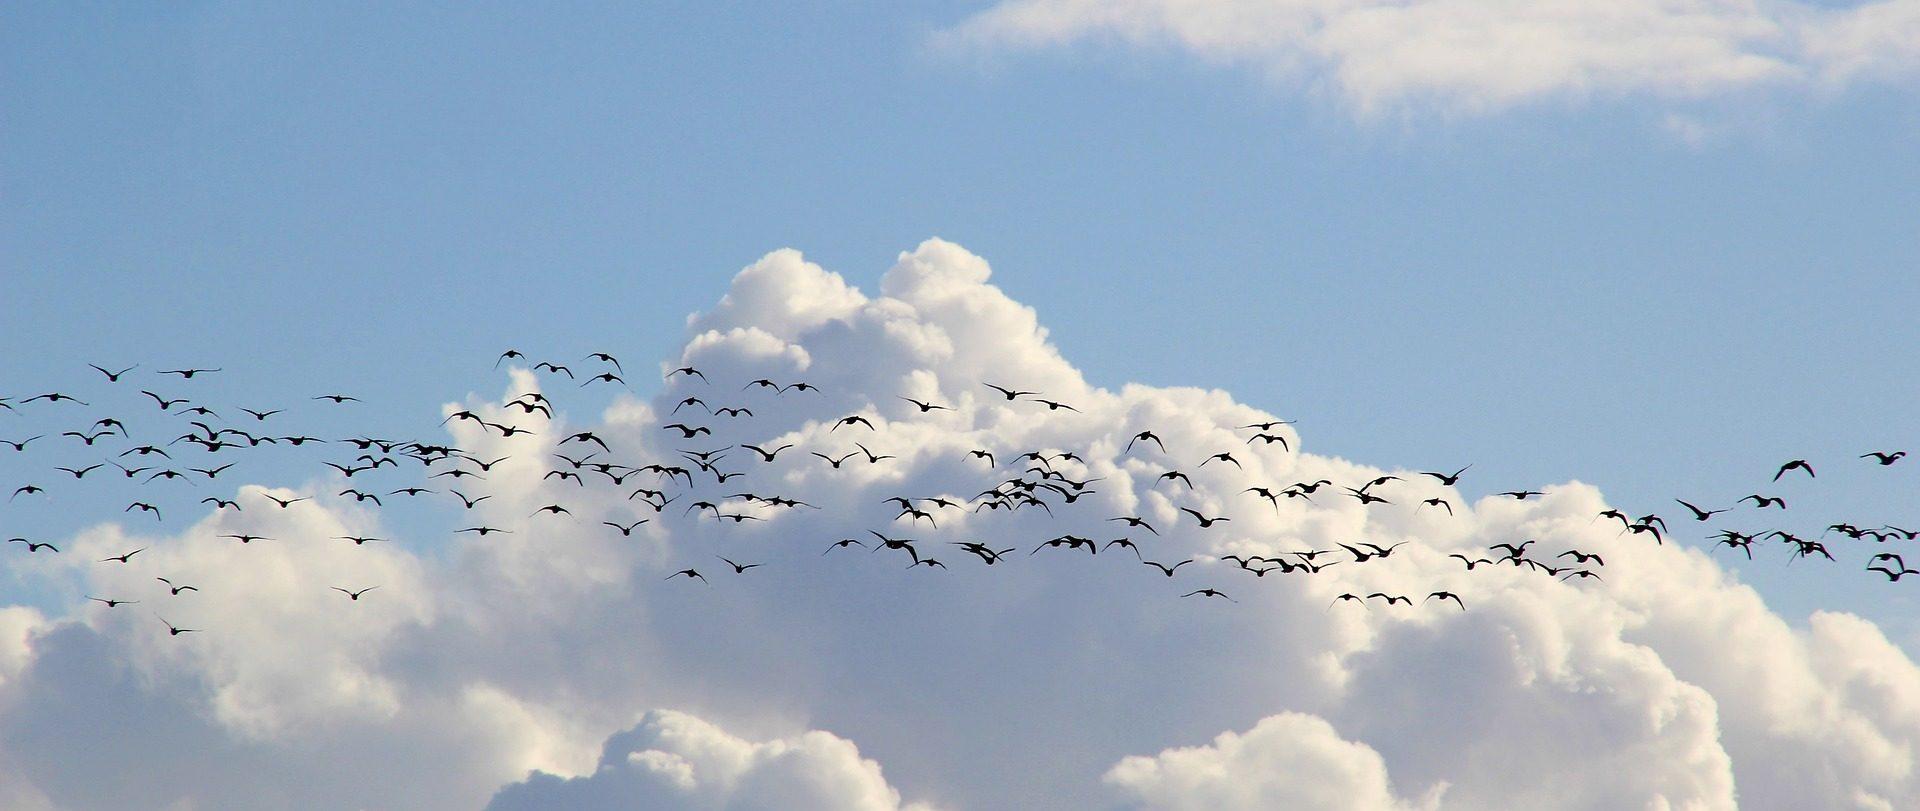 swarm = bird migration -Image by 💛 Passt gut auf euch auf und bleibt gesund! 💛 from Pixabay